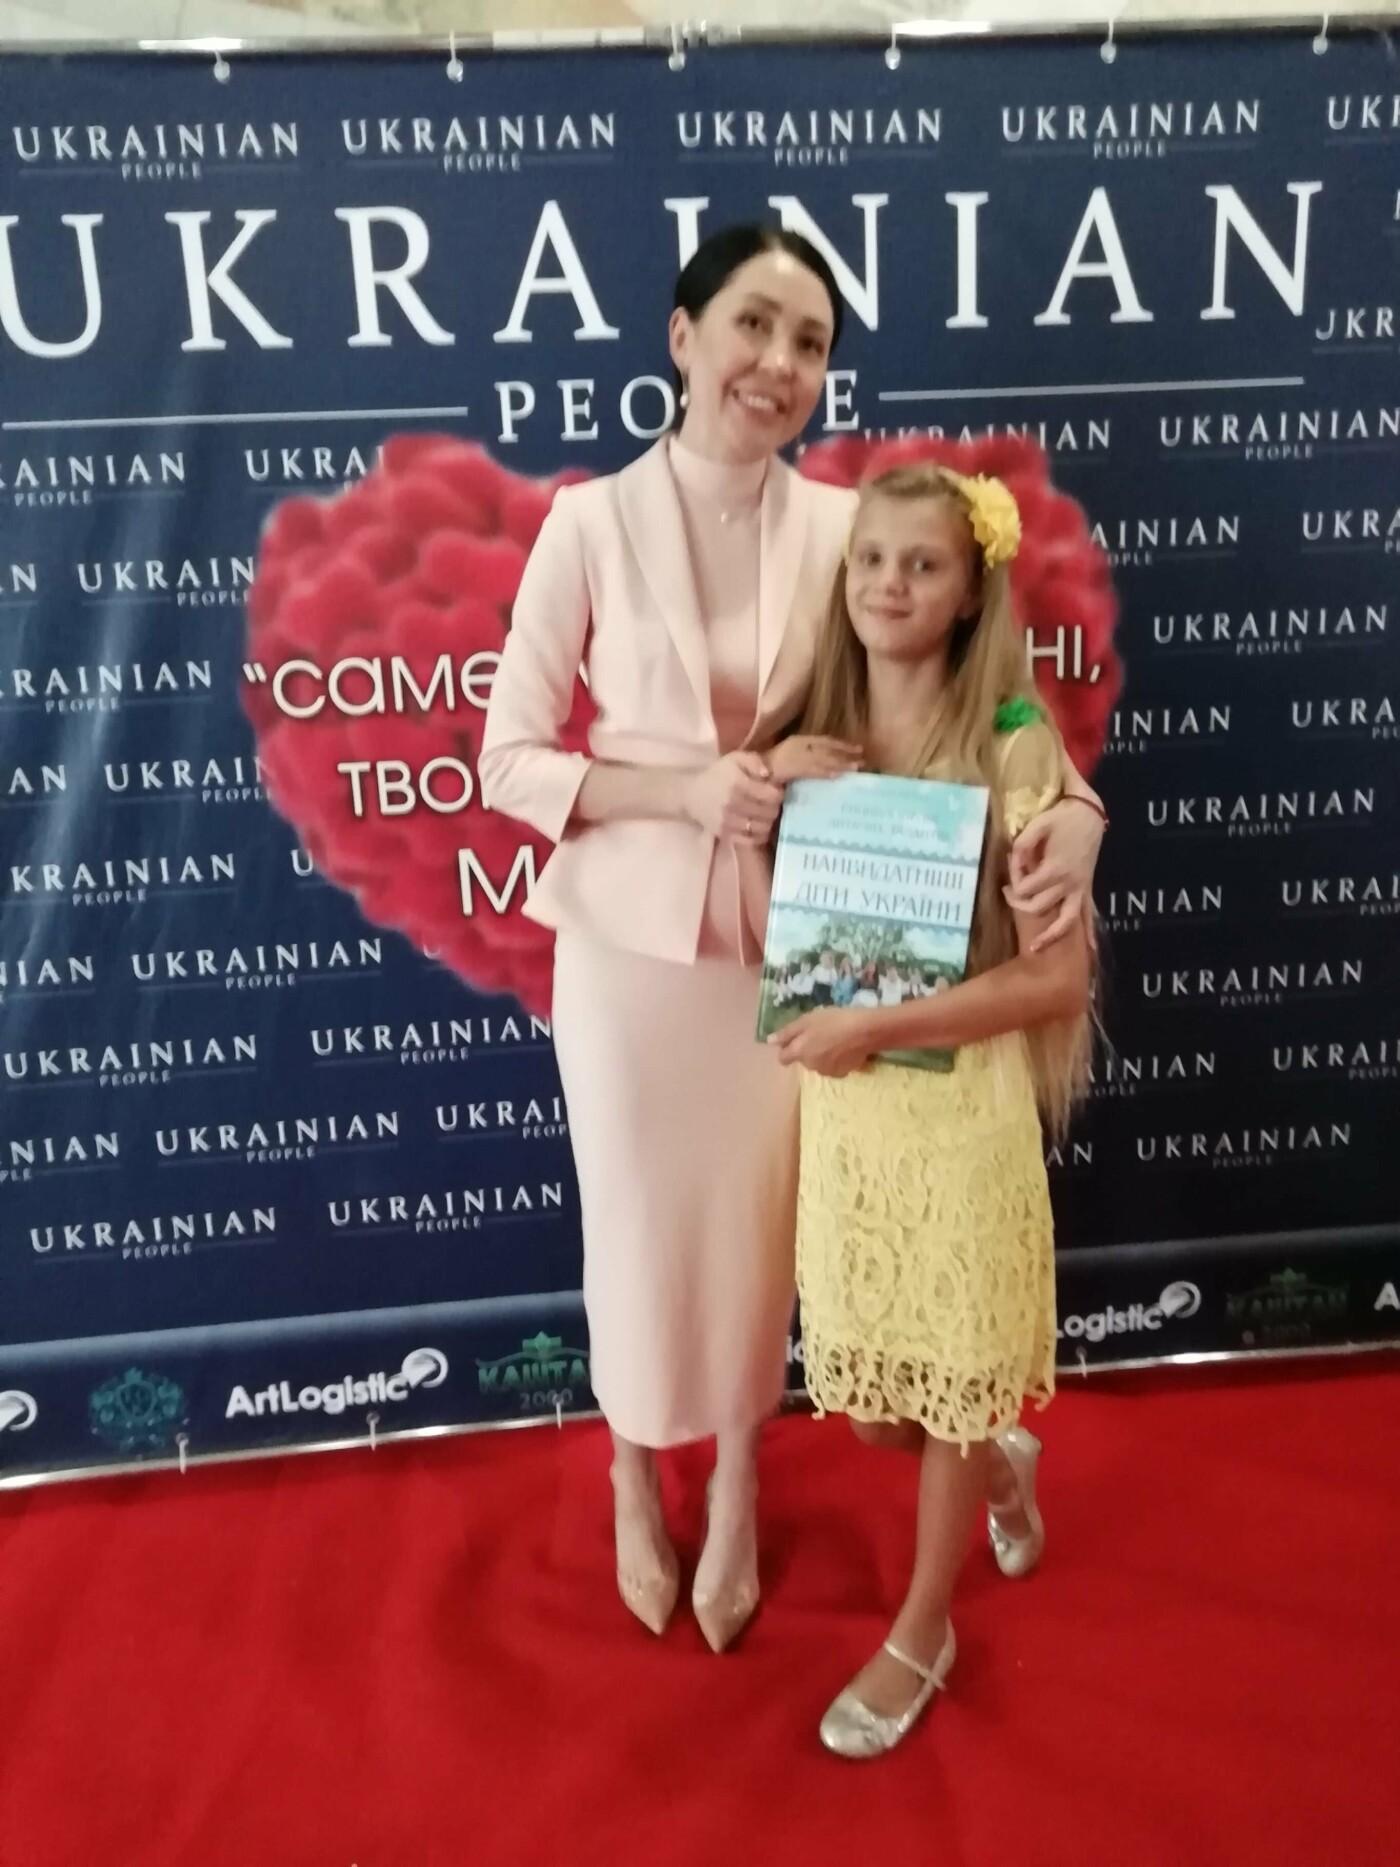 Дружковчанка Дана Третяк вошла в ТОП-25 самых выдающихся детей Украины (ФОТО), фото-1